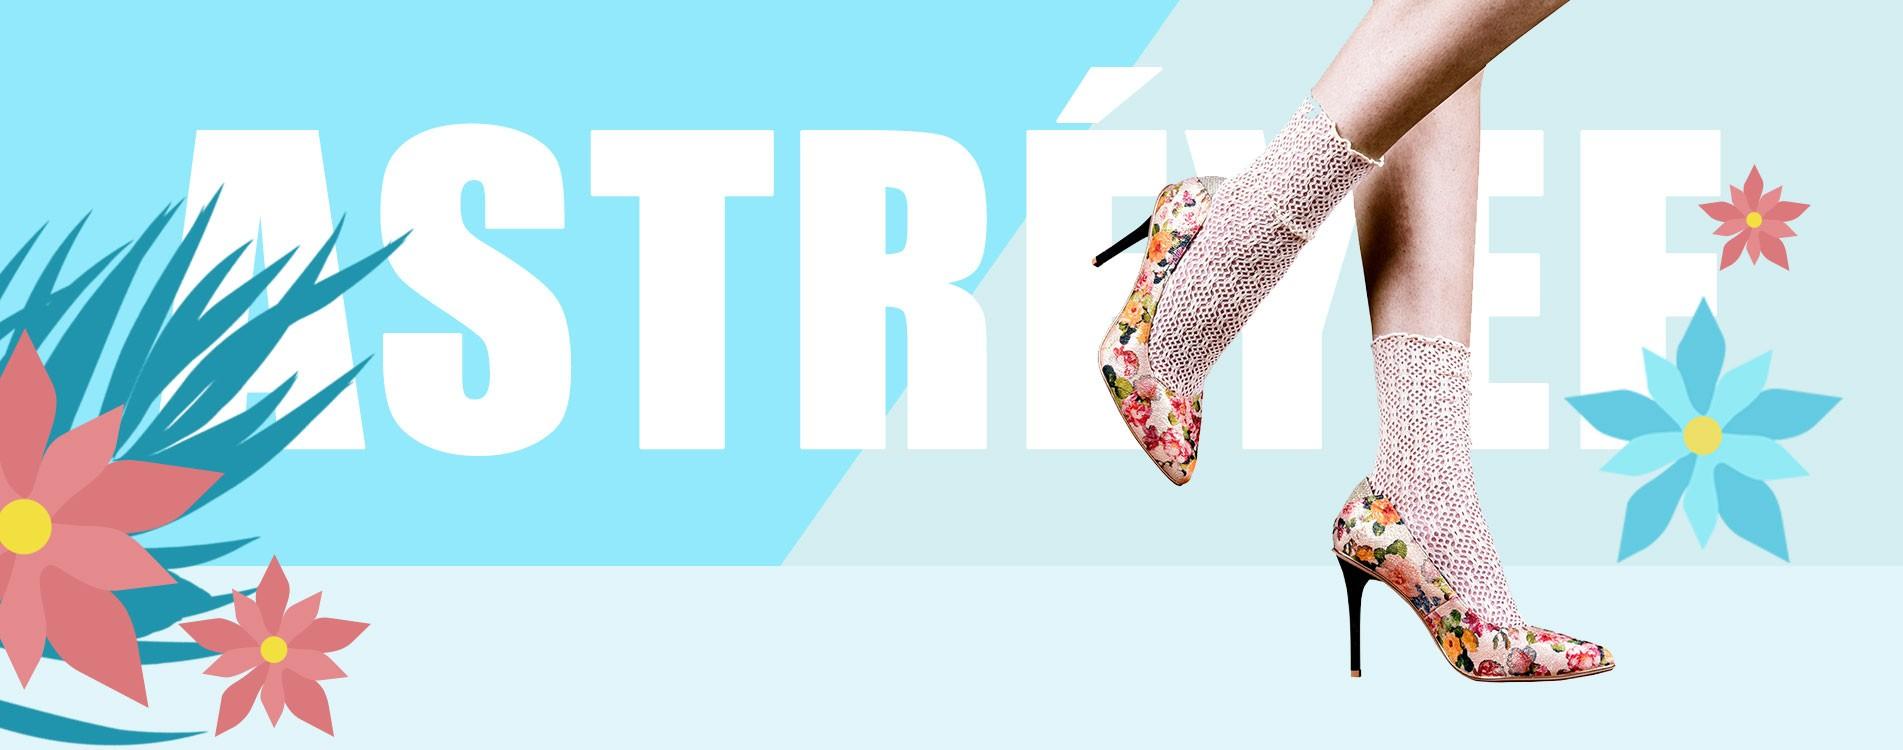 Wholesale shoes online - ASTRÉYEE